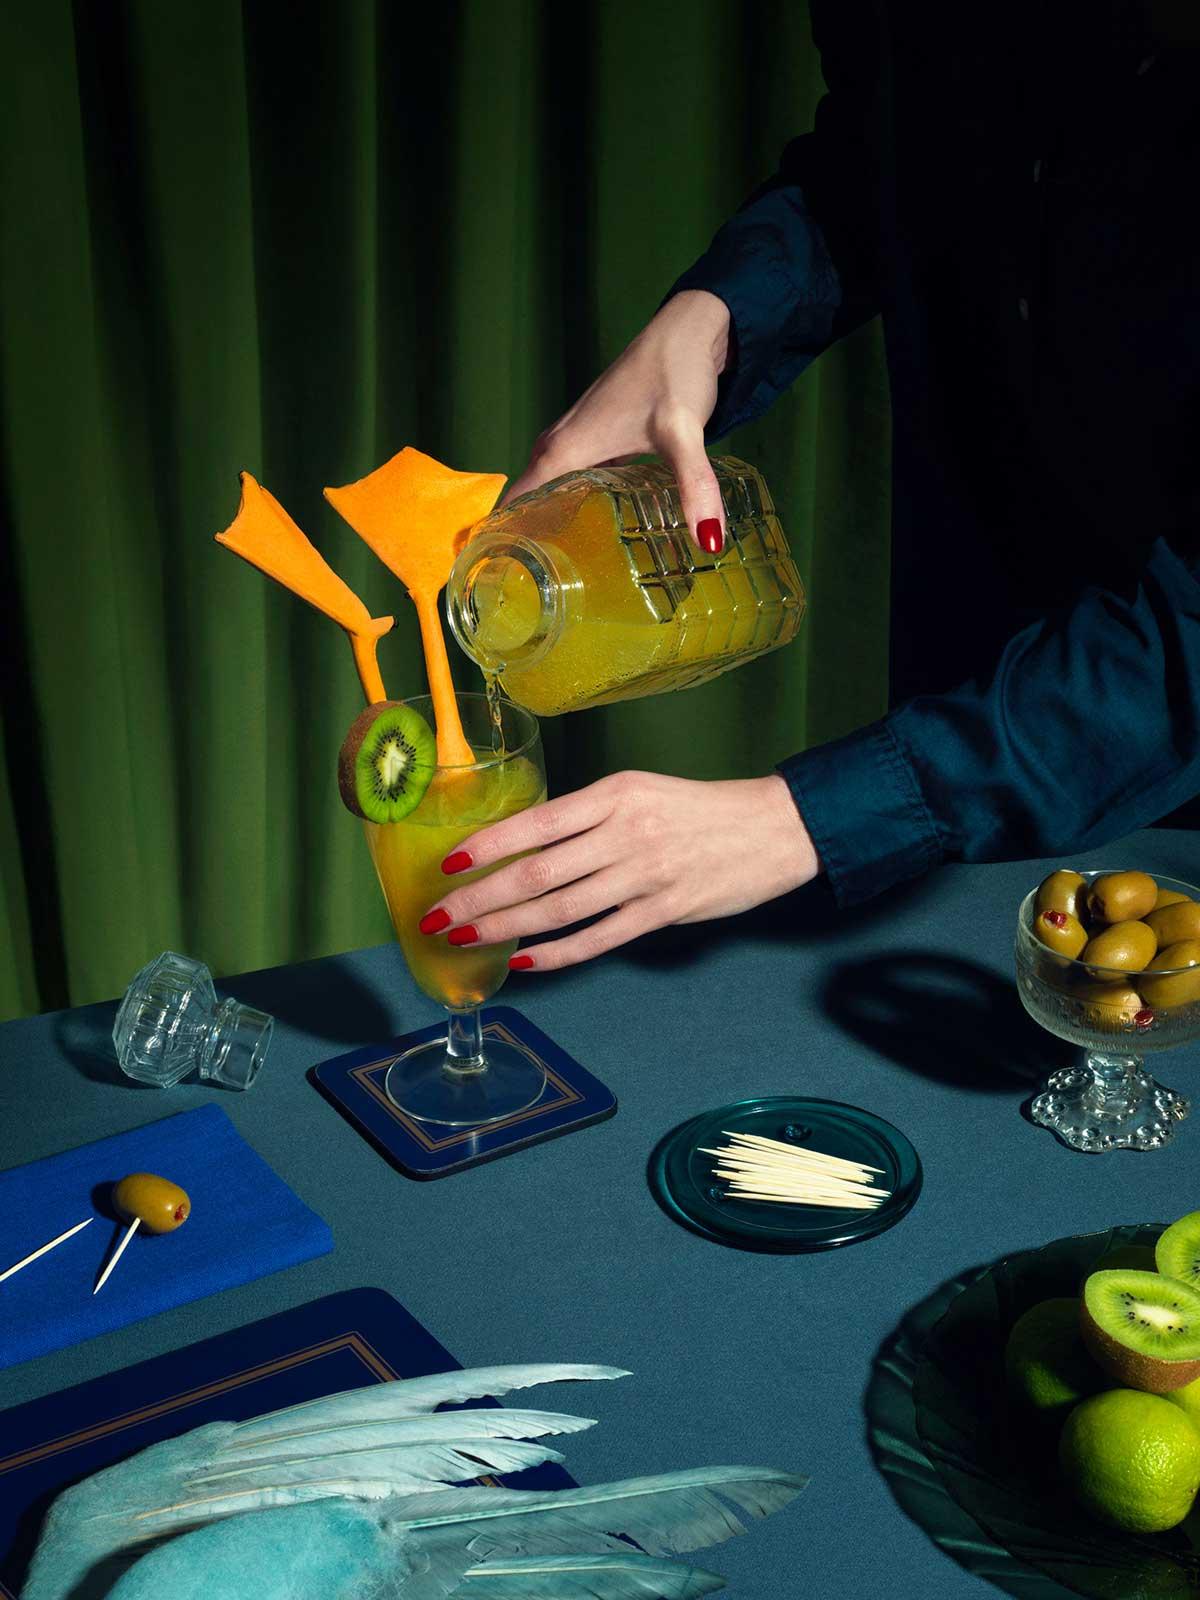 Vaso y jarra de jugo, kiwi y patas de pato.